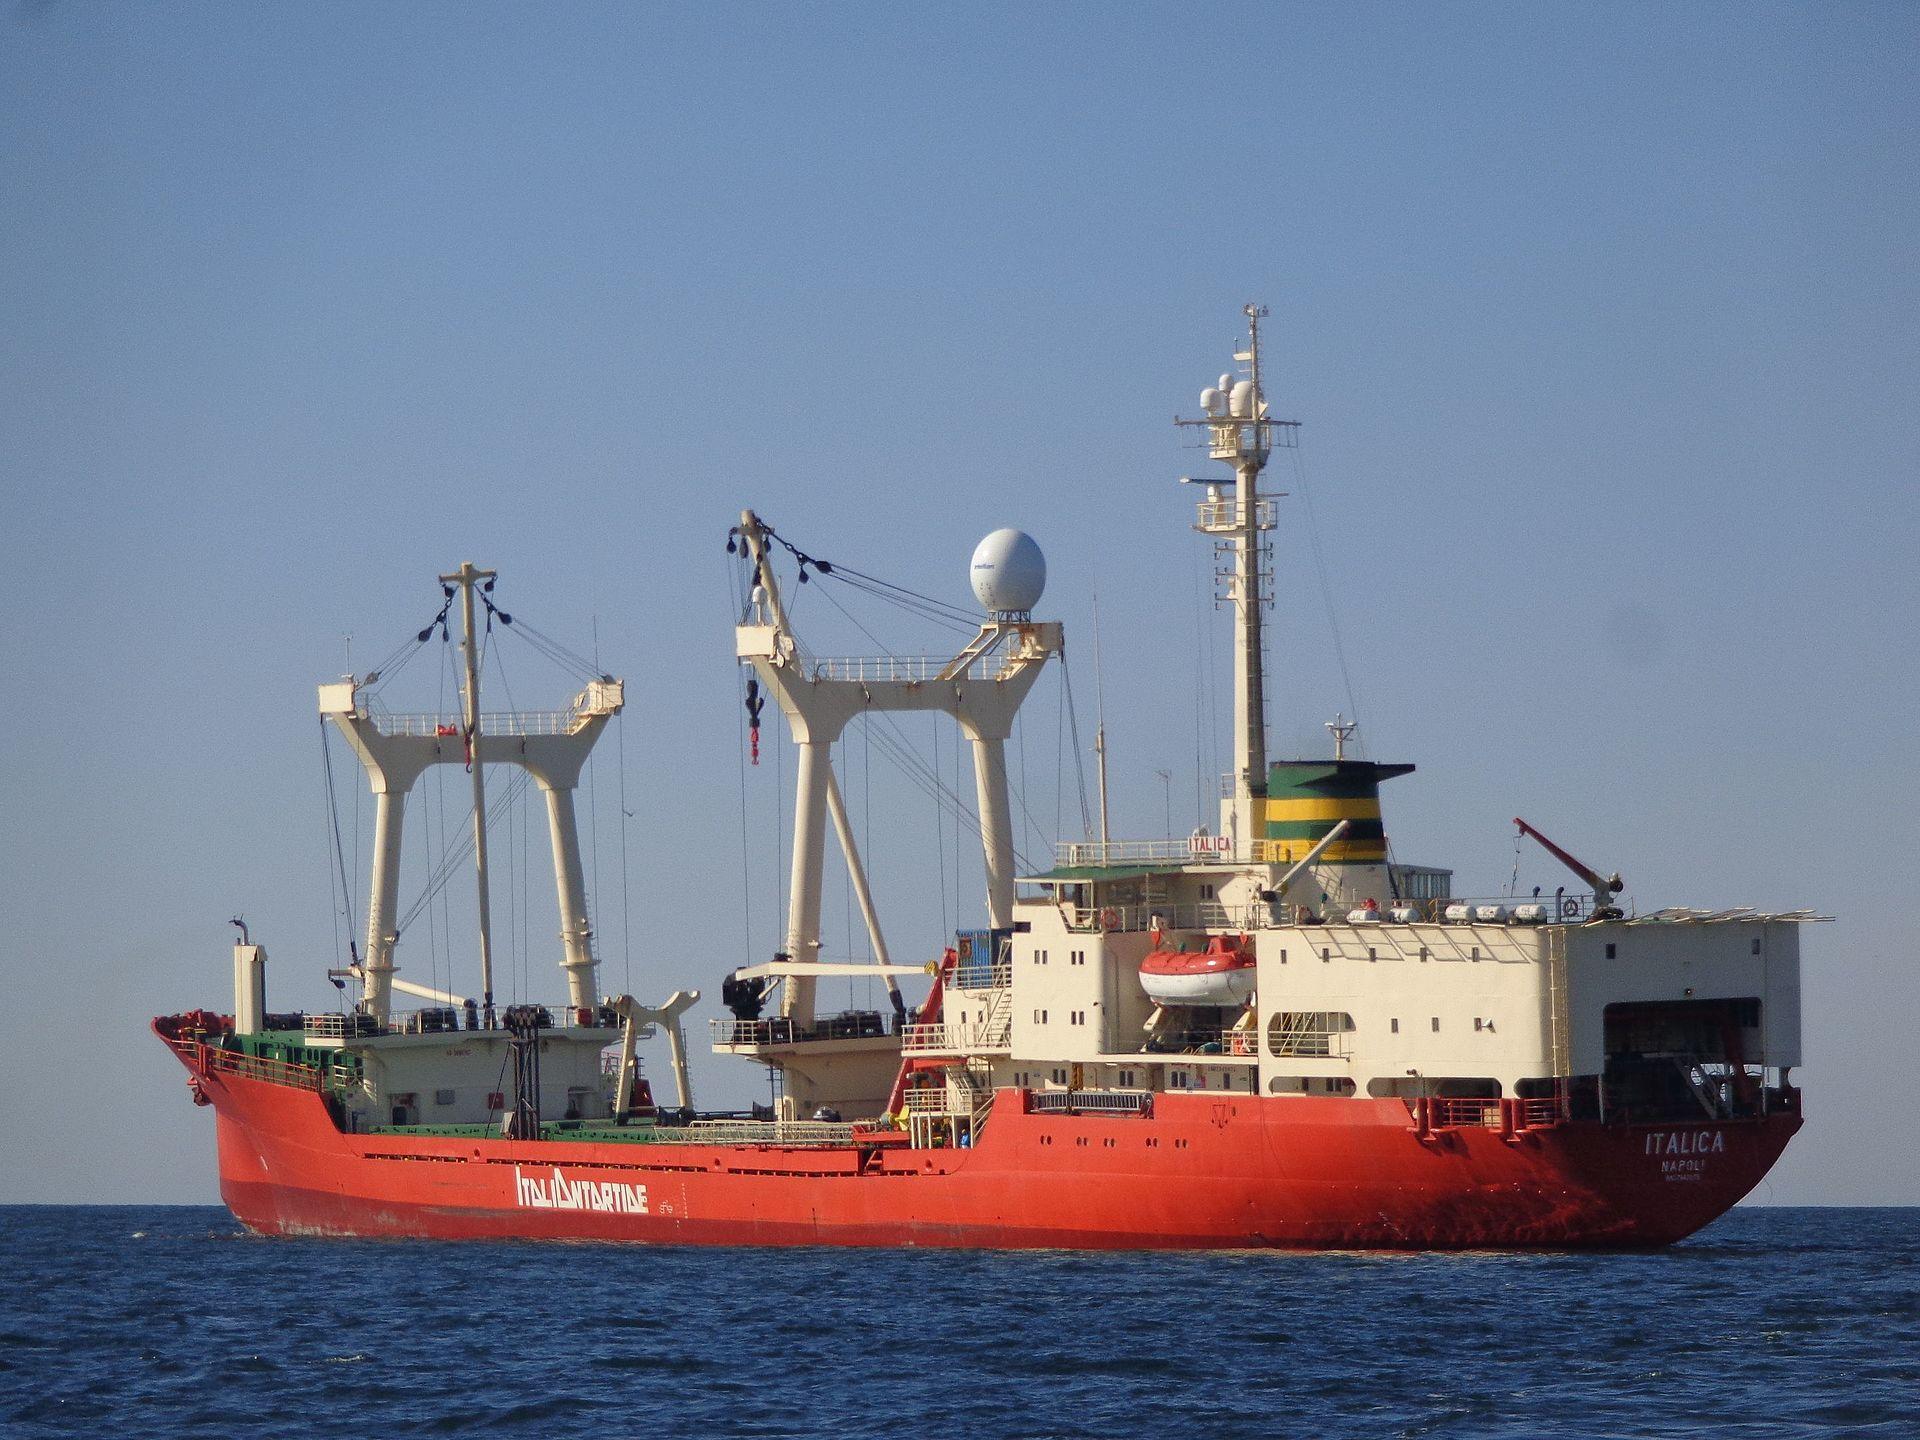 La nave Italica è in partenza per l'Antartide: studiosi proveninenti da università enti di ricerca italiani